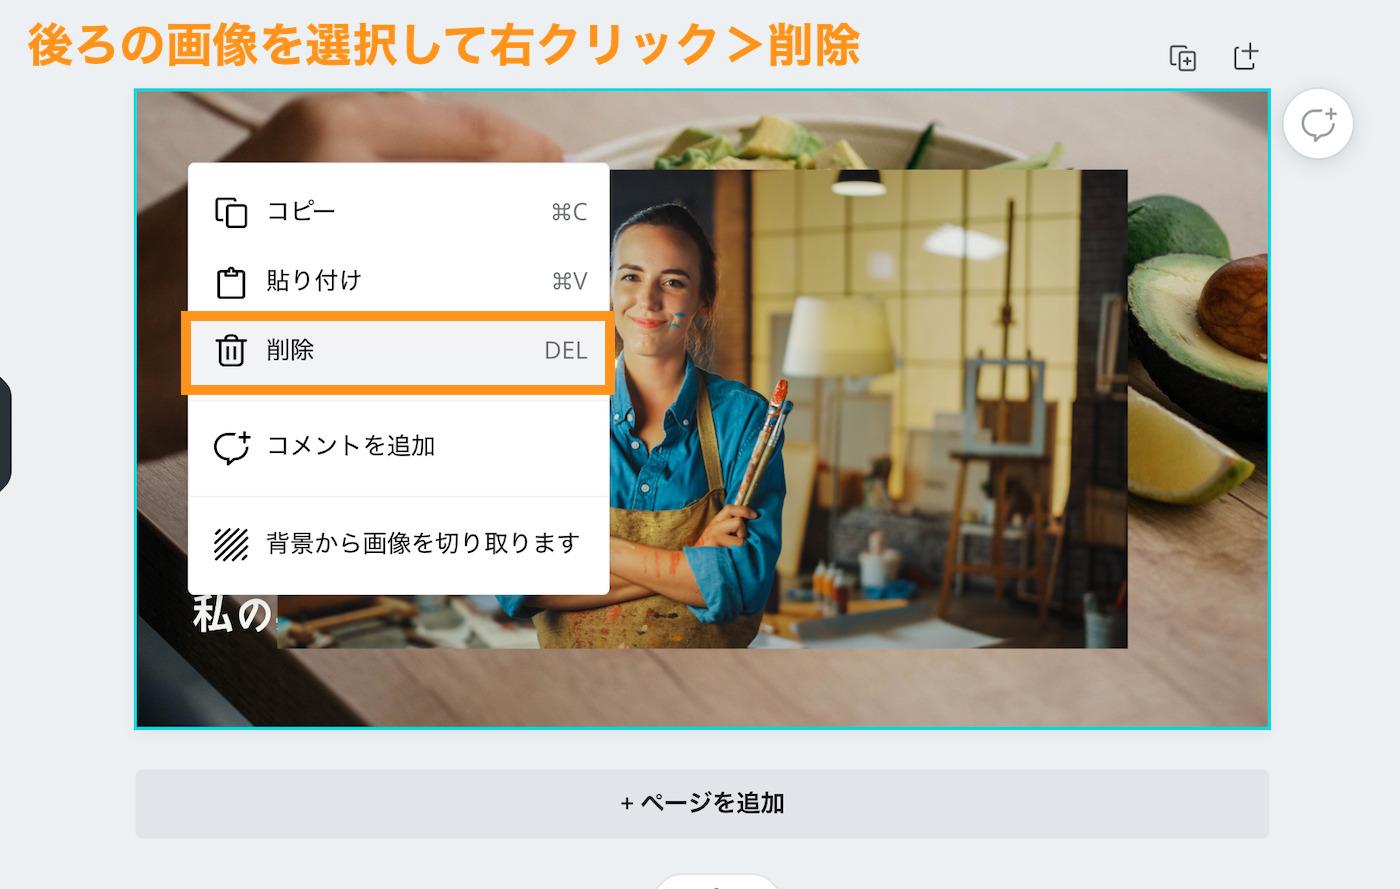 後ろの画像を選択(クリック)してから、右クリック>削除を選択